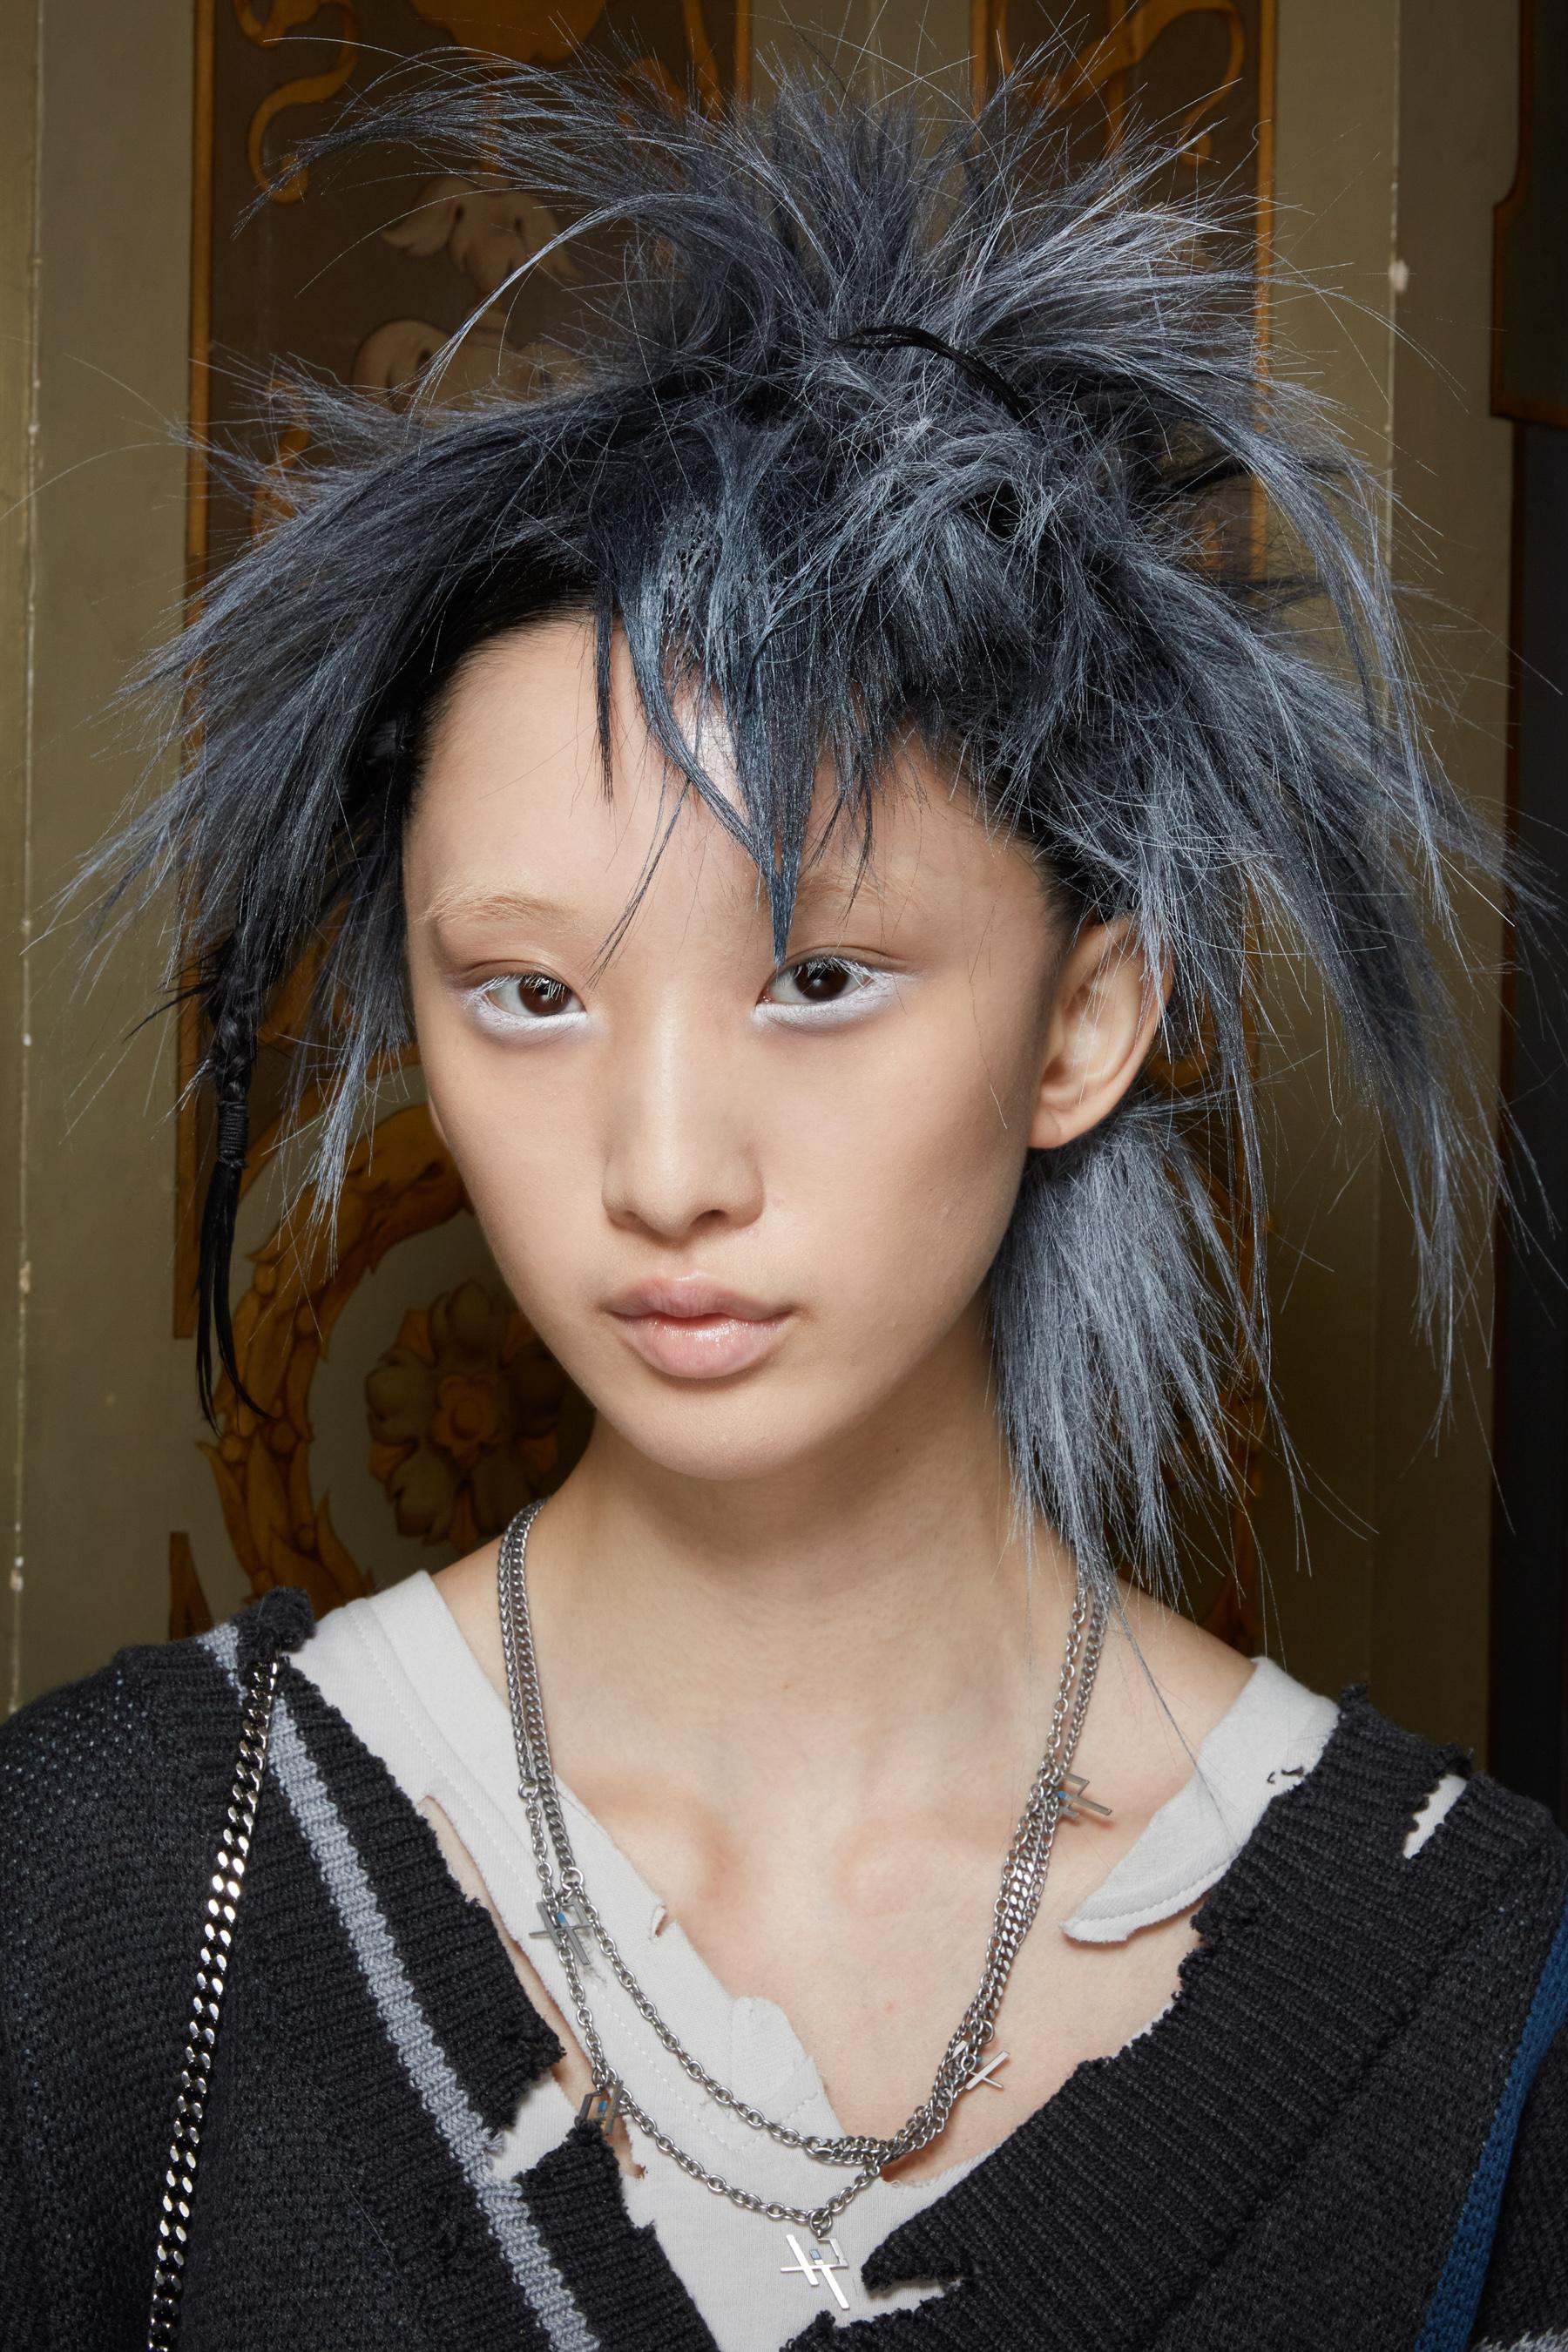 Yohji Yamamoto Spring 2022 Backstage Fashion Show